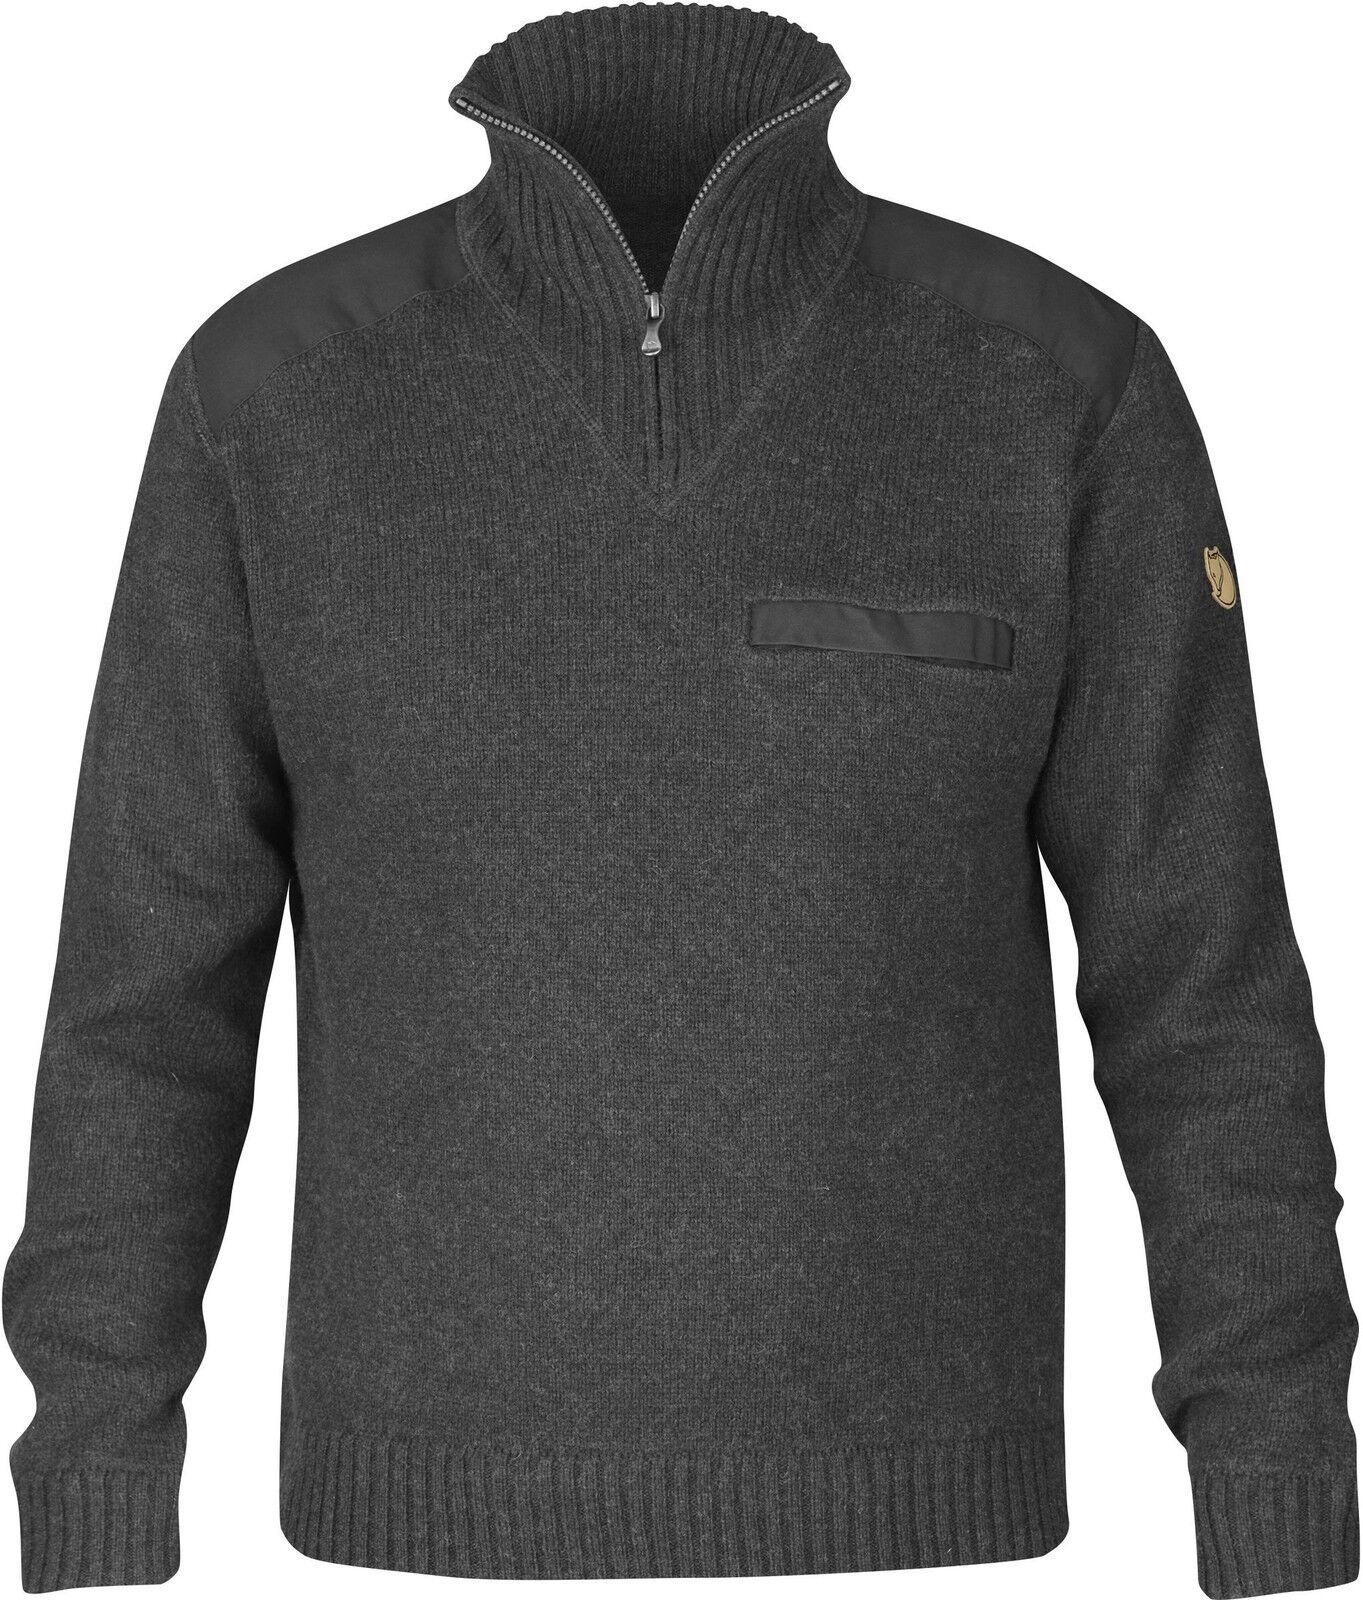 Fjäll Räven Men Koster Sweater Men Räven Pullover Größe S Dark Grau 90487 5345b1